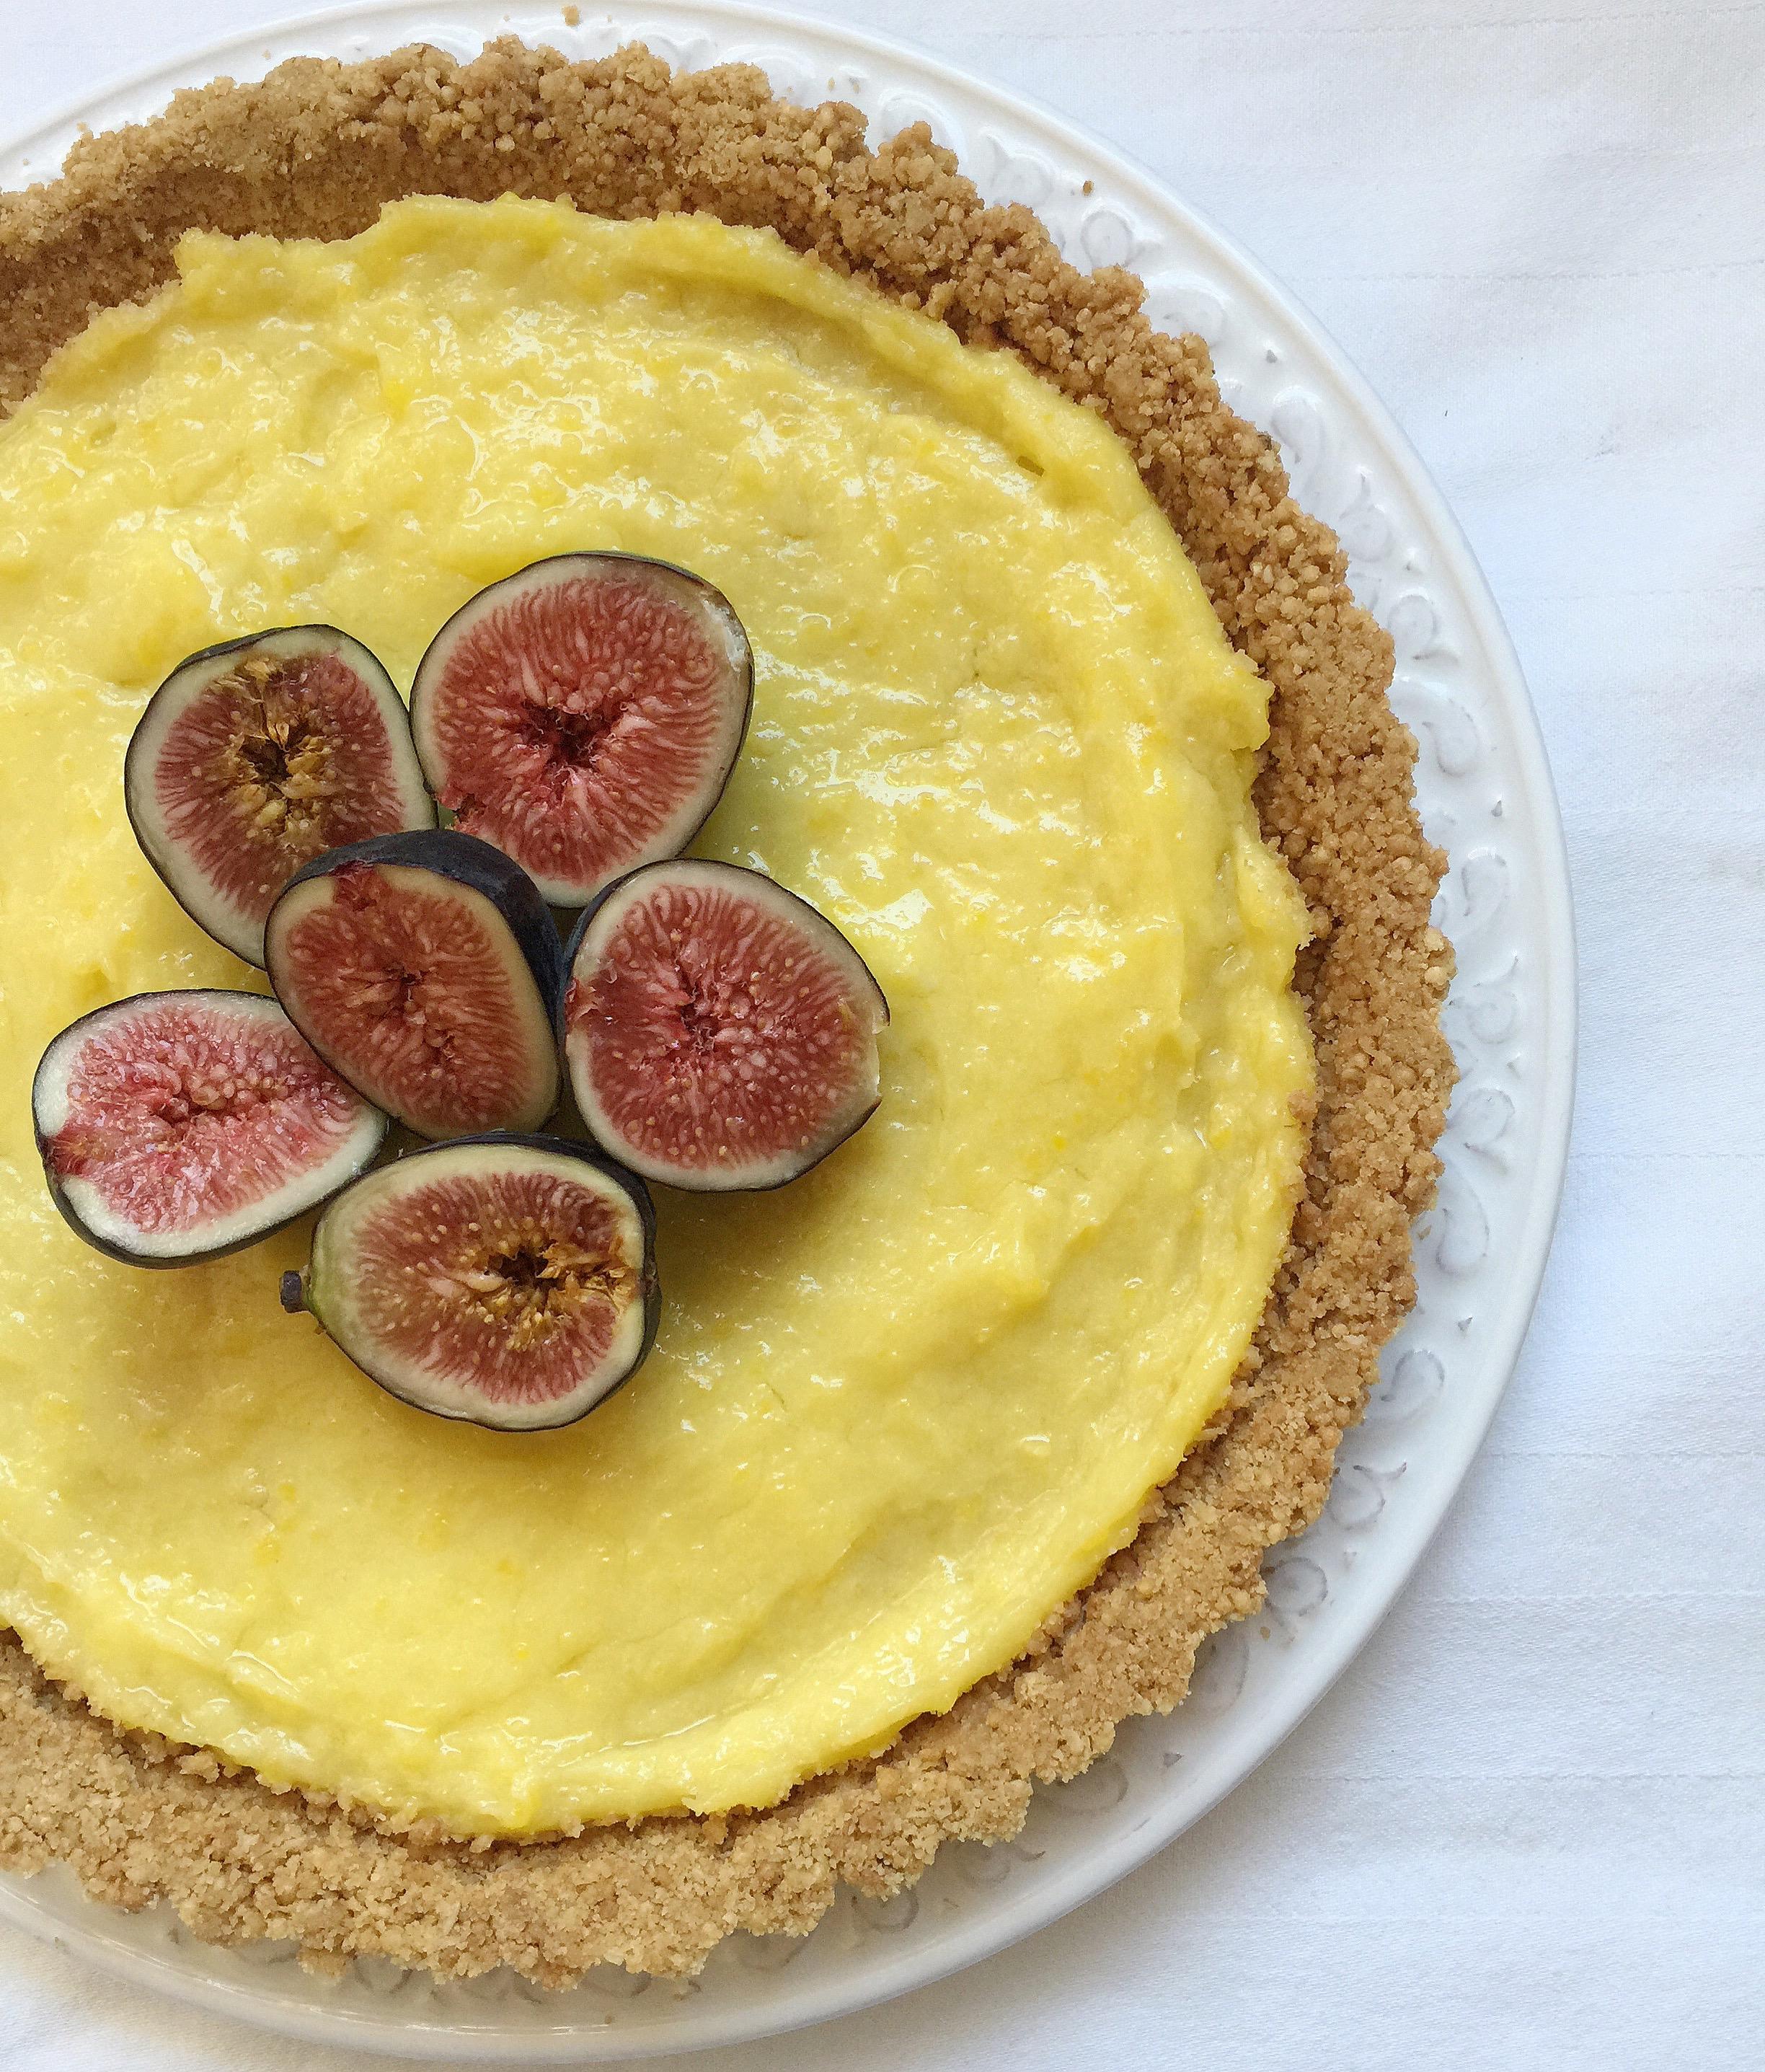 Crostata di Fichi Senza Burro, un dolce dal gusto delicato e goloso di dolci senza burro